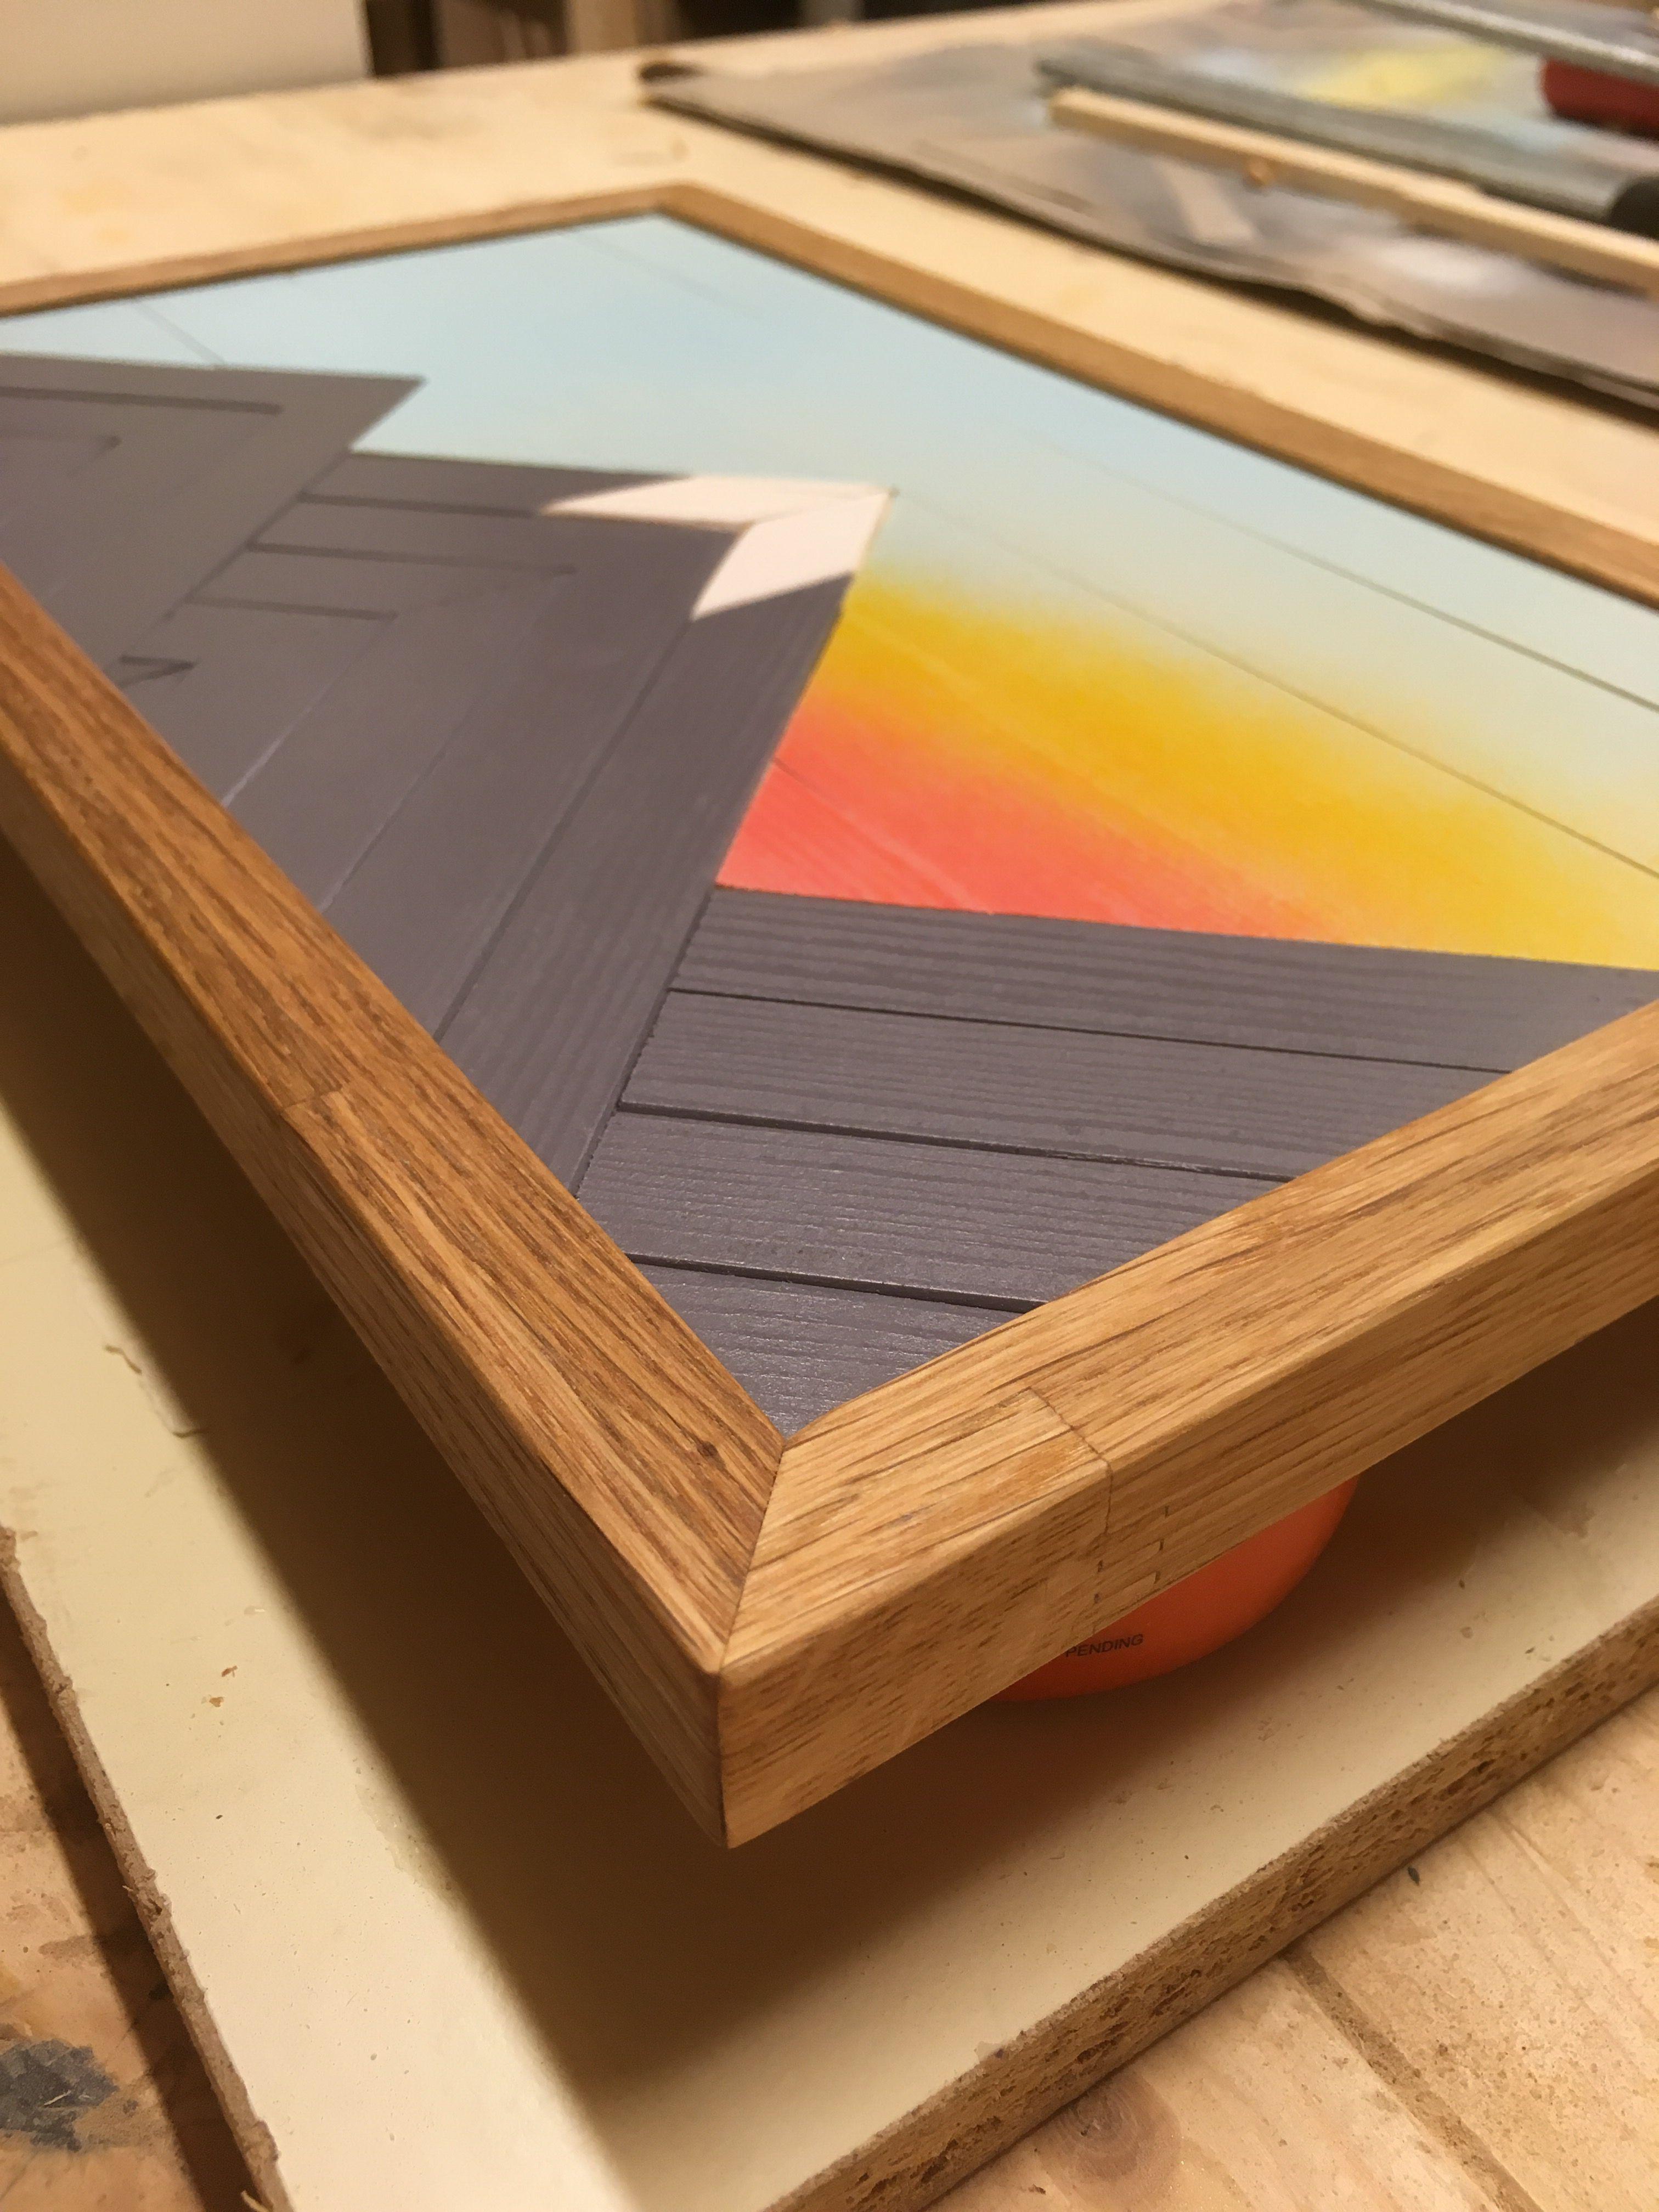 Wood Art By Bless Design Seekiefer Bergbilder Tannen